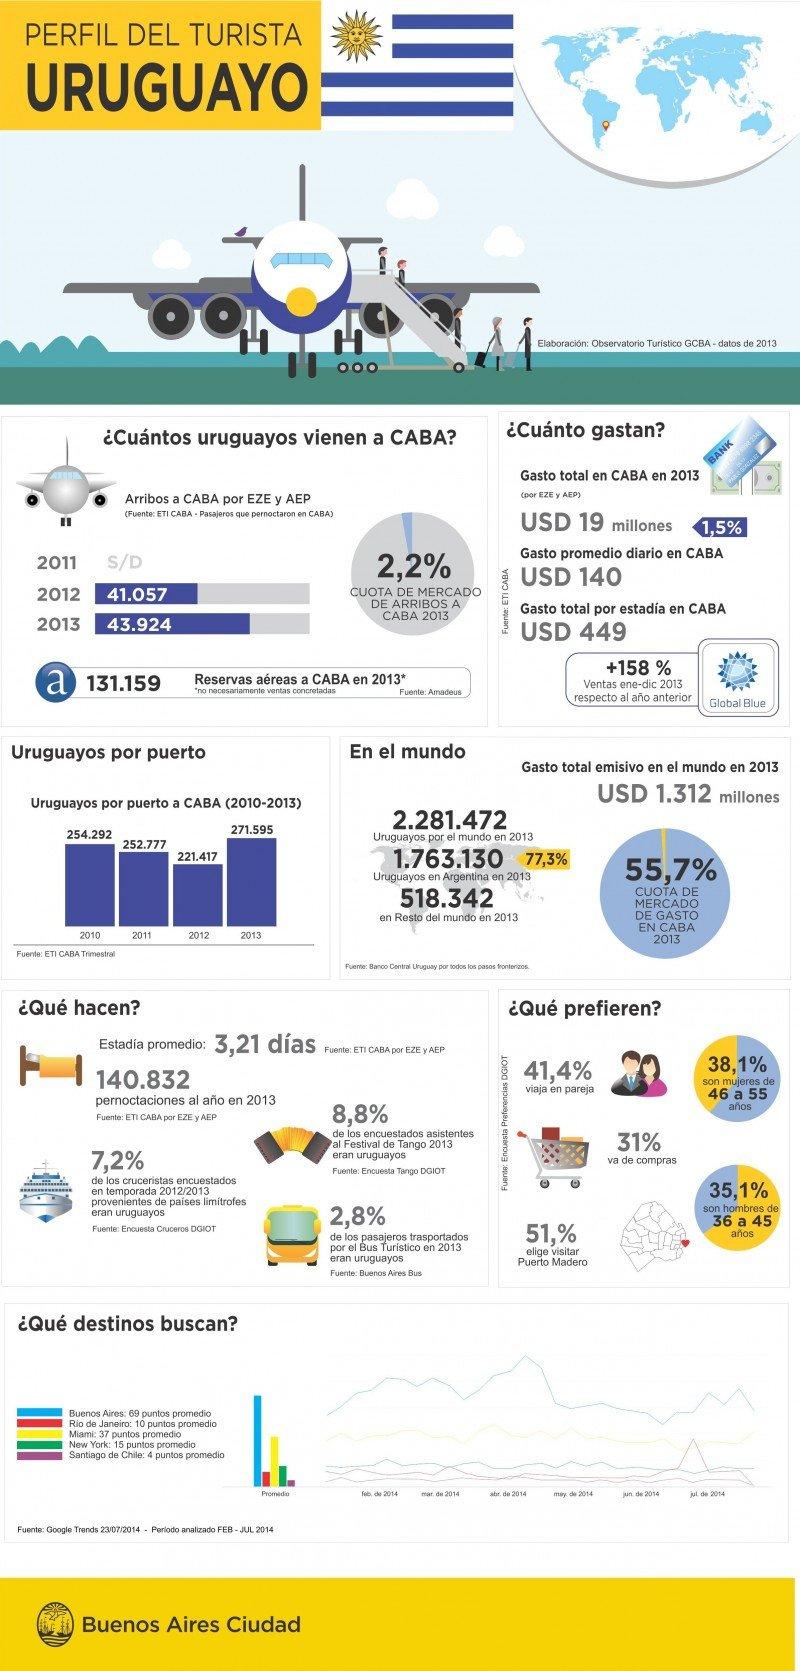 Infografía: Perfil del turista uruguayo que visita Buenos Aires